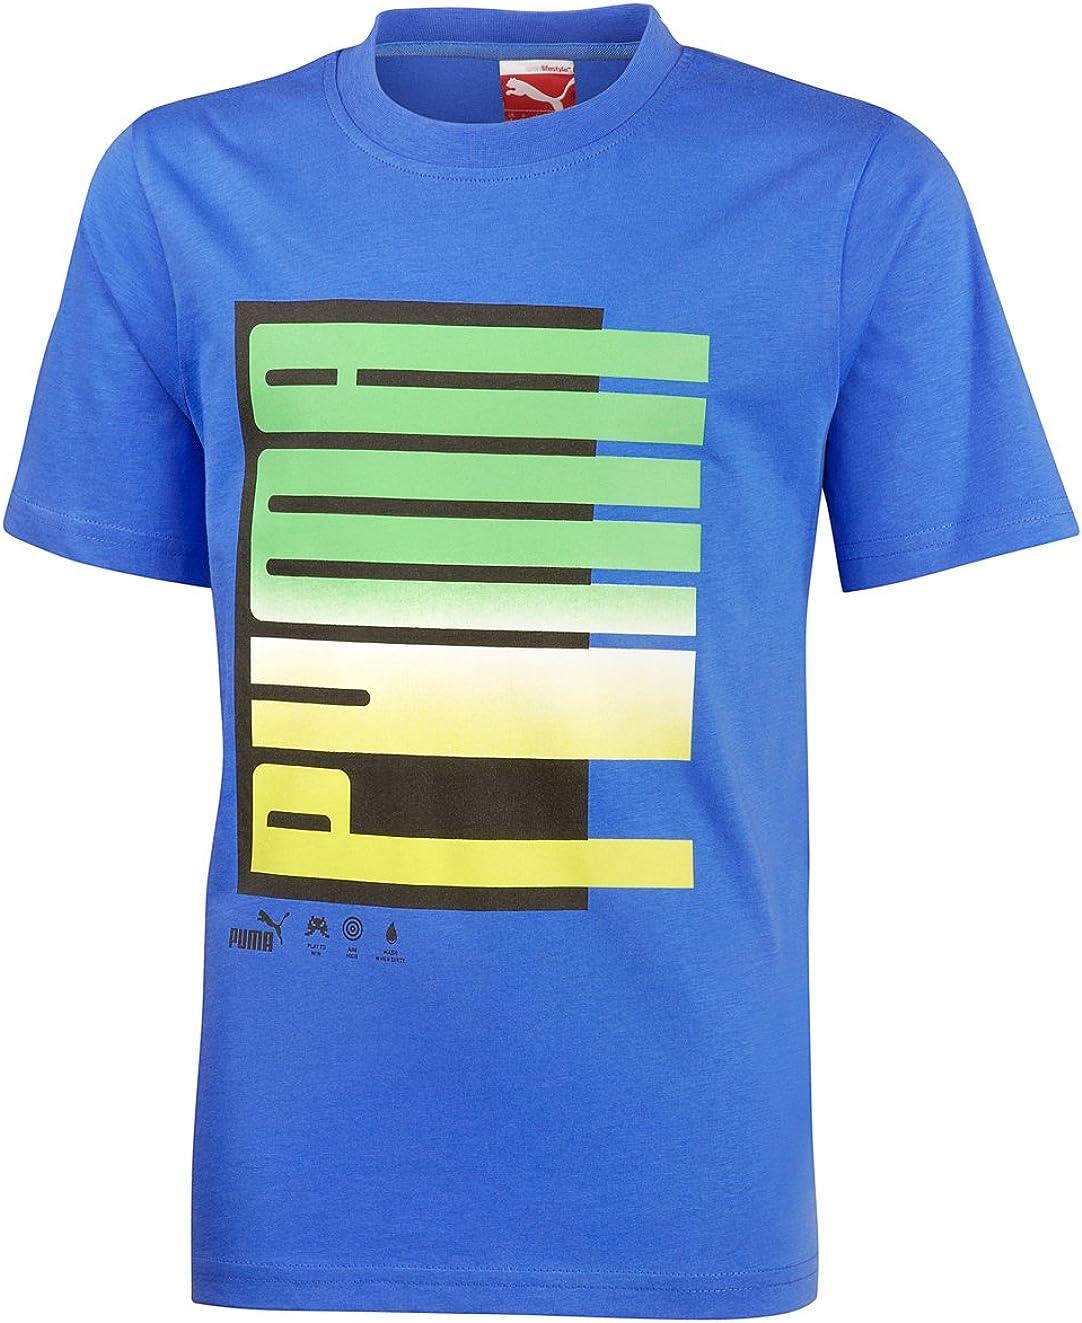 PUMA Fade tee - Camiseta para niño (algodón orgánico): Amazon.es ...